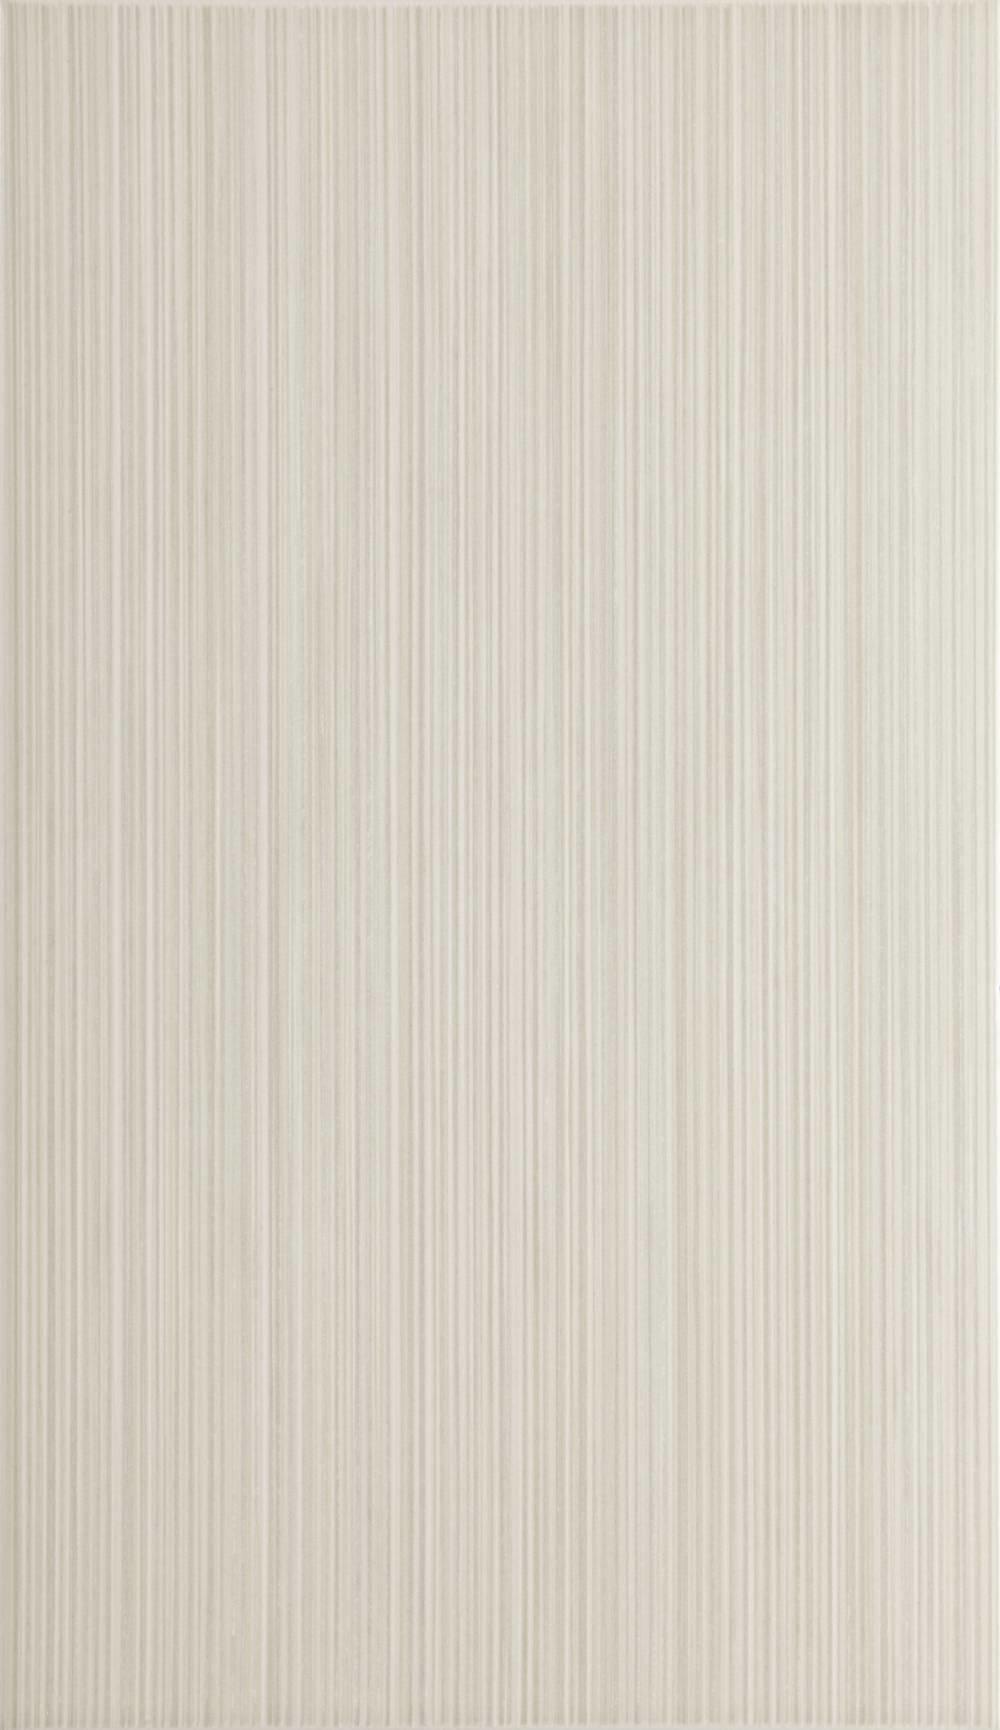 Cream Linear Tiles